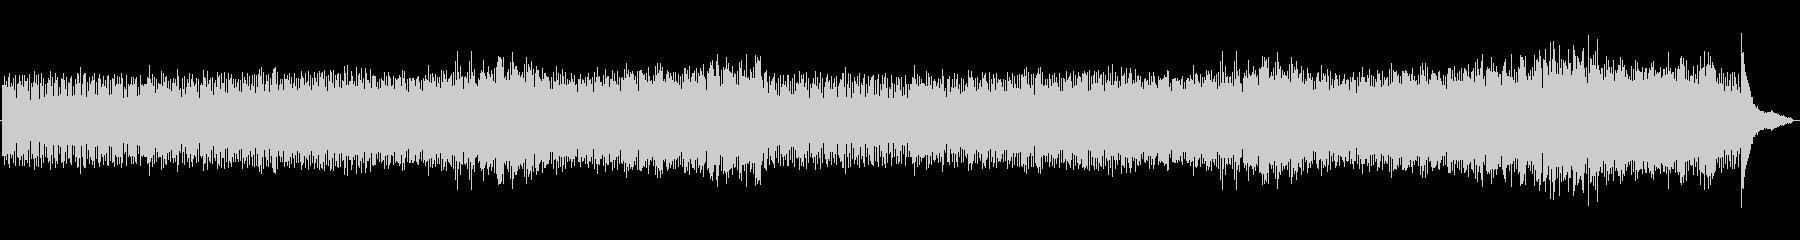 ピアノのバッハの活発な前奏曲01。の未再生の波形